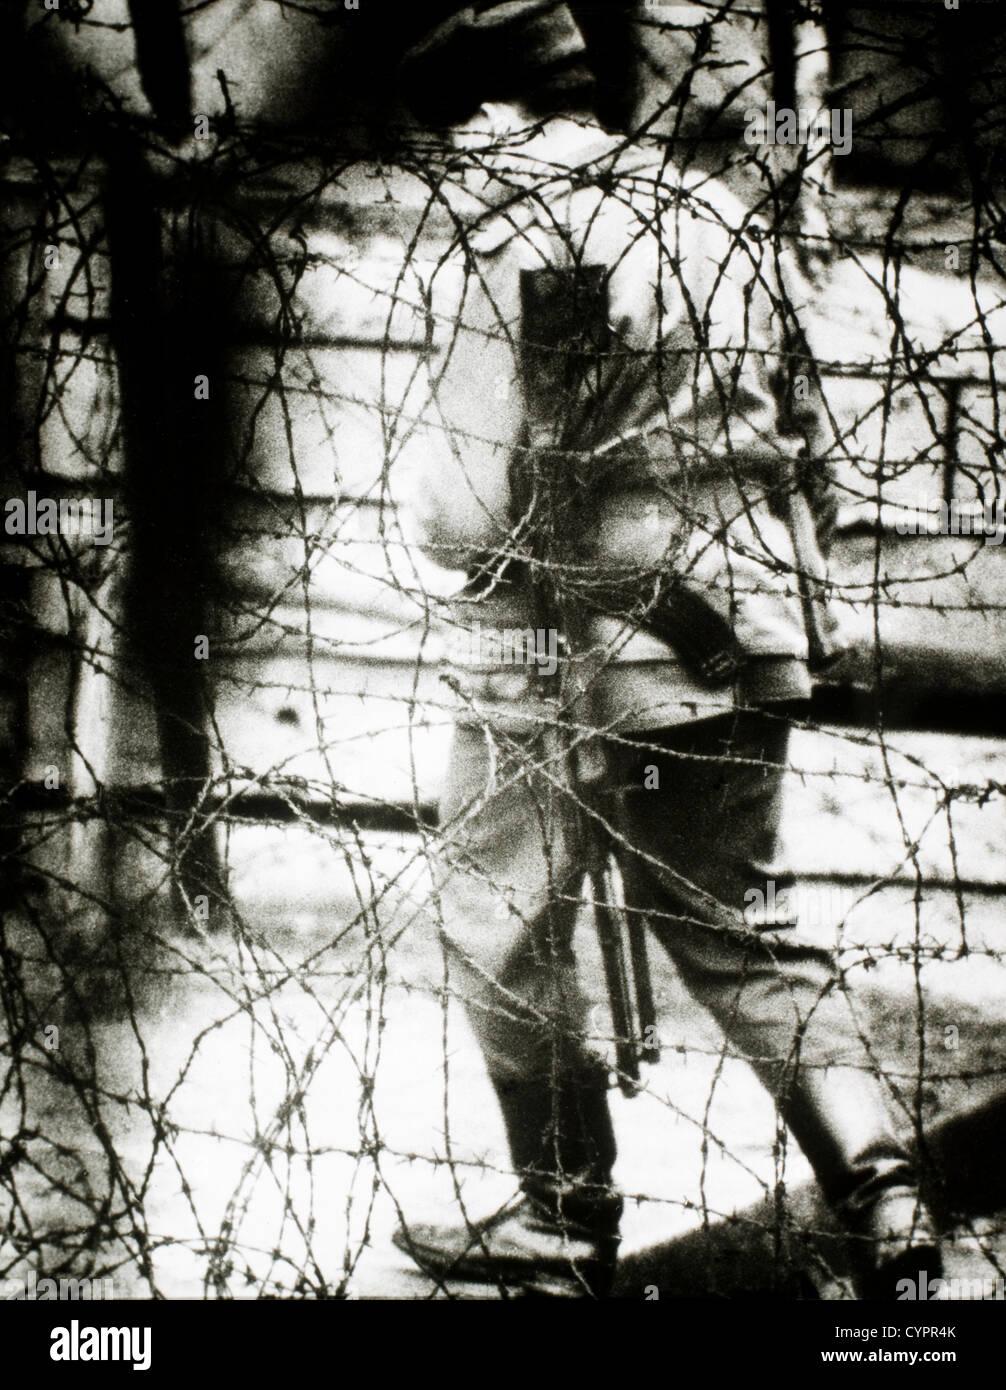 La Guardia Fronteriza de Alemania oriental vistos a través de la valla de alambre de espino, 1965 Imagen De Stock